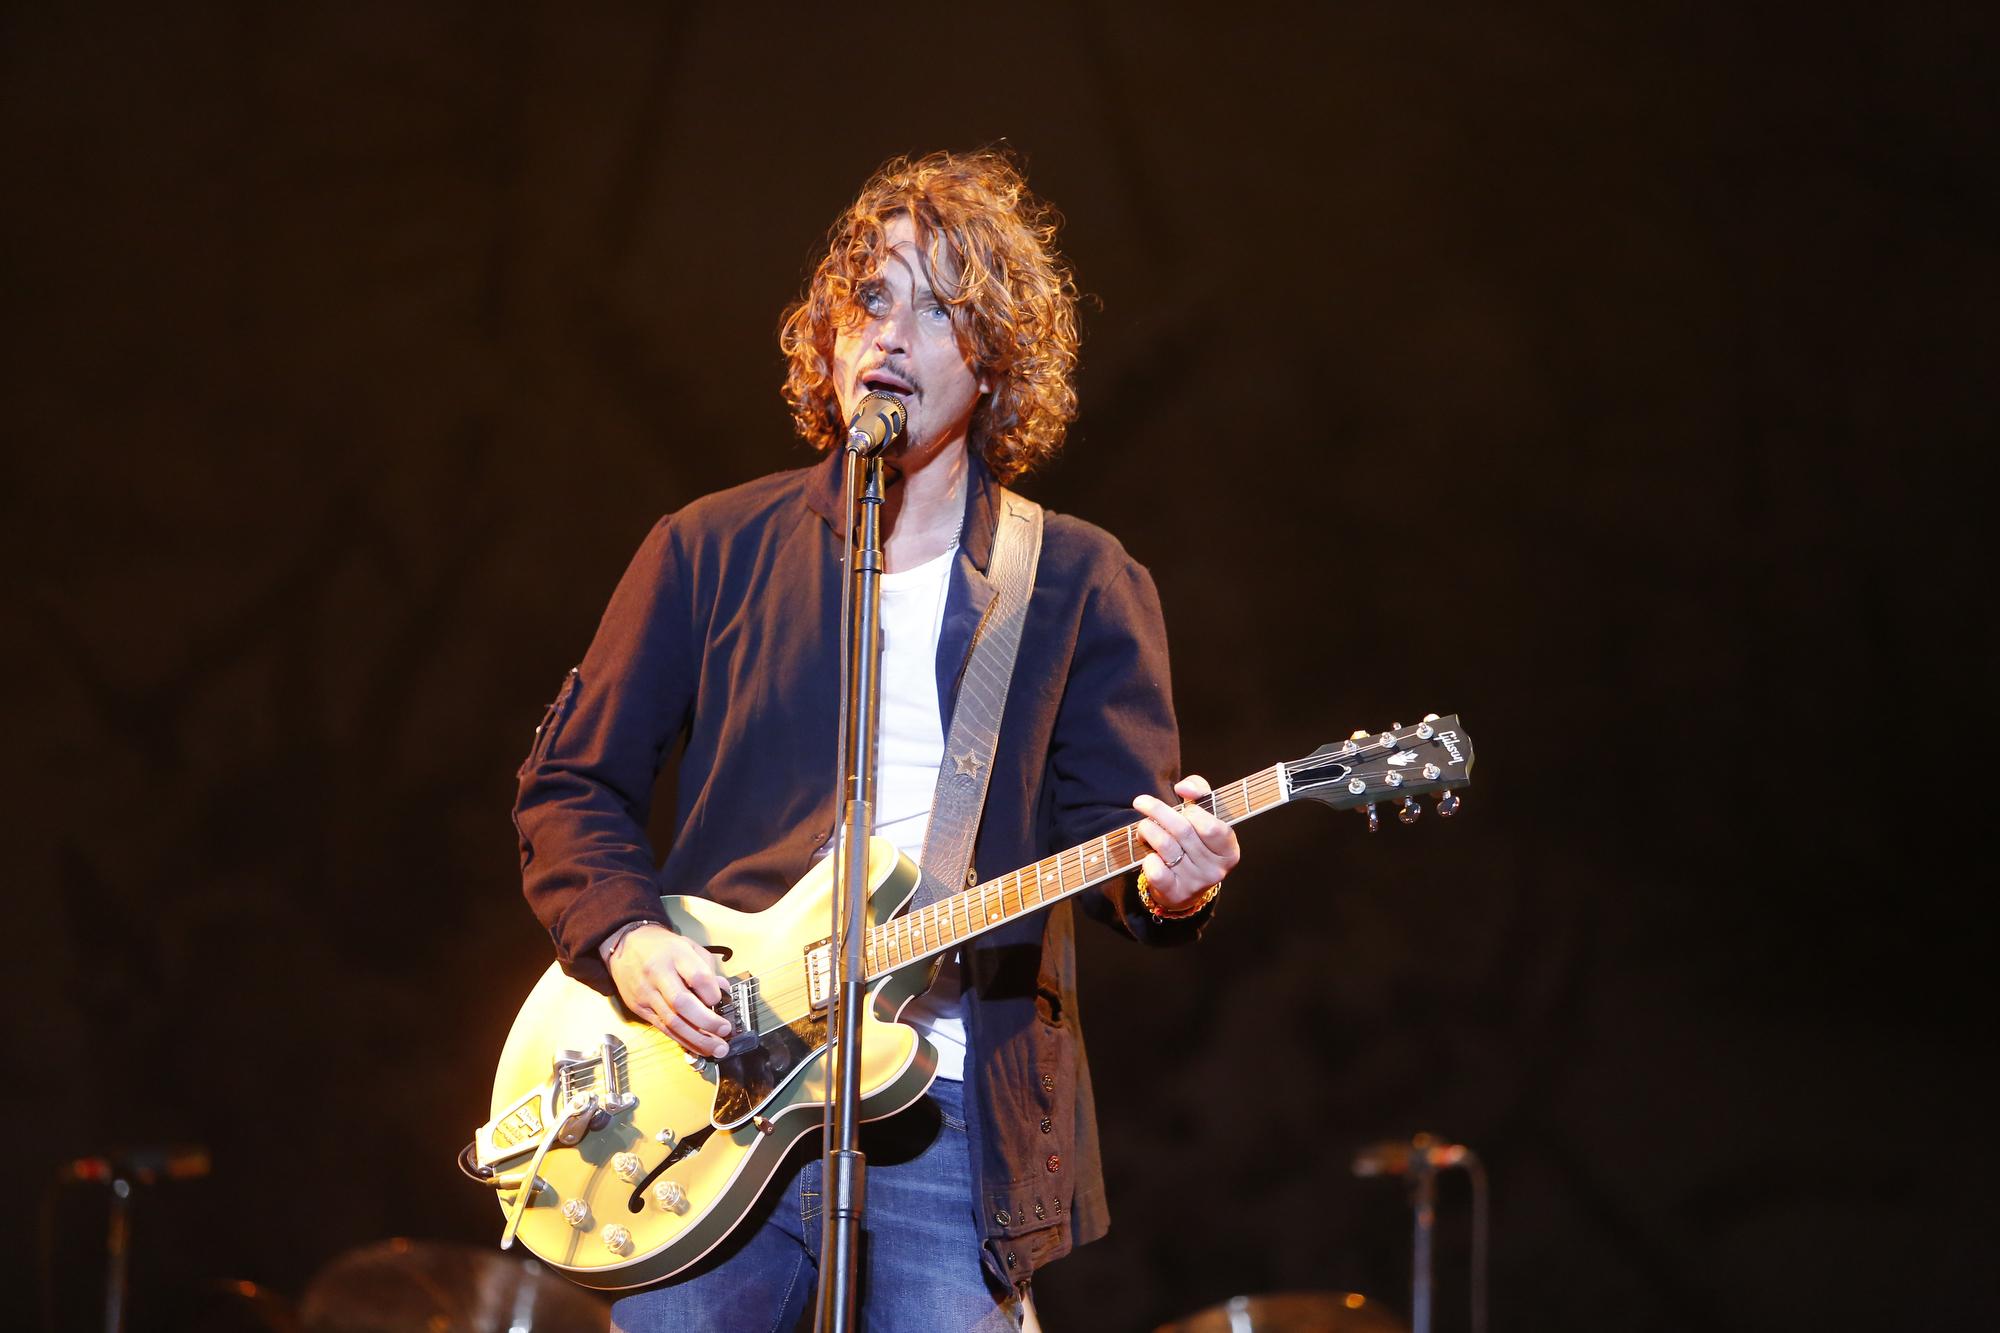 Soundgarden en Lollapalooza Chile 2014: La banda que abrió un agujero en el cielo